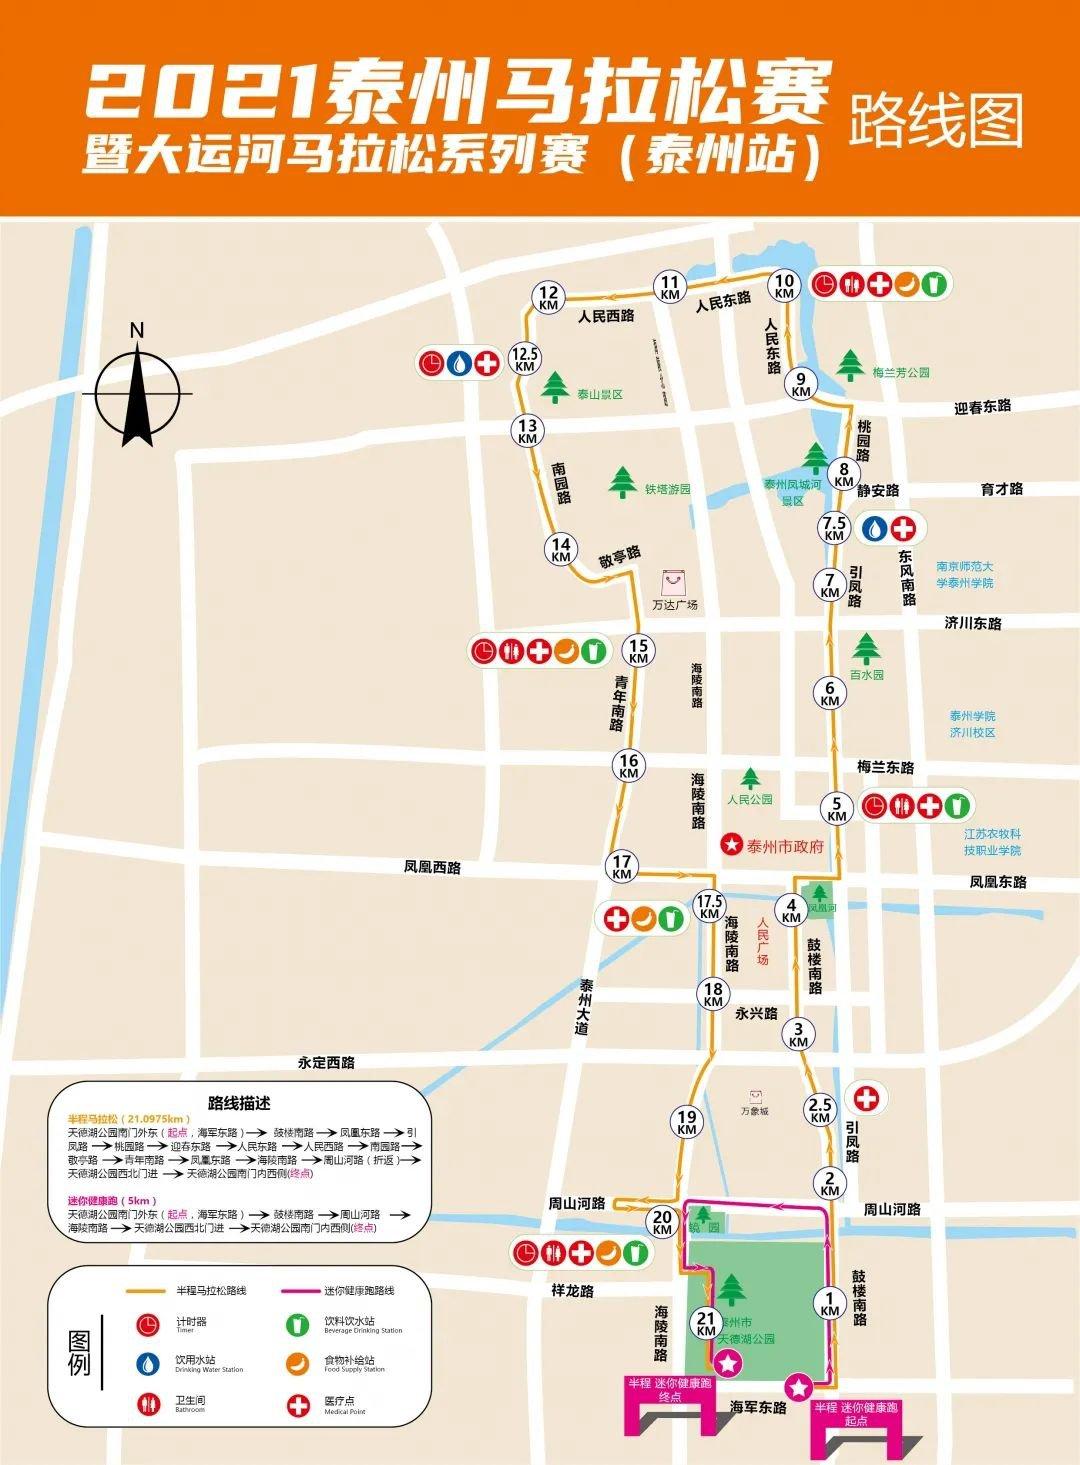 2021年泰州马拉松比赛路线(附比赛路线图)